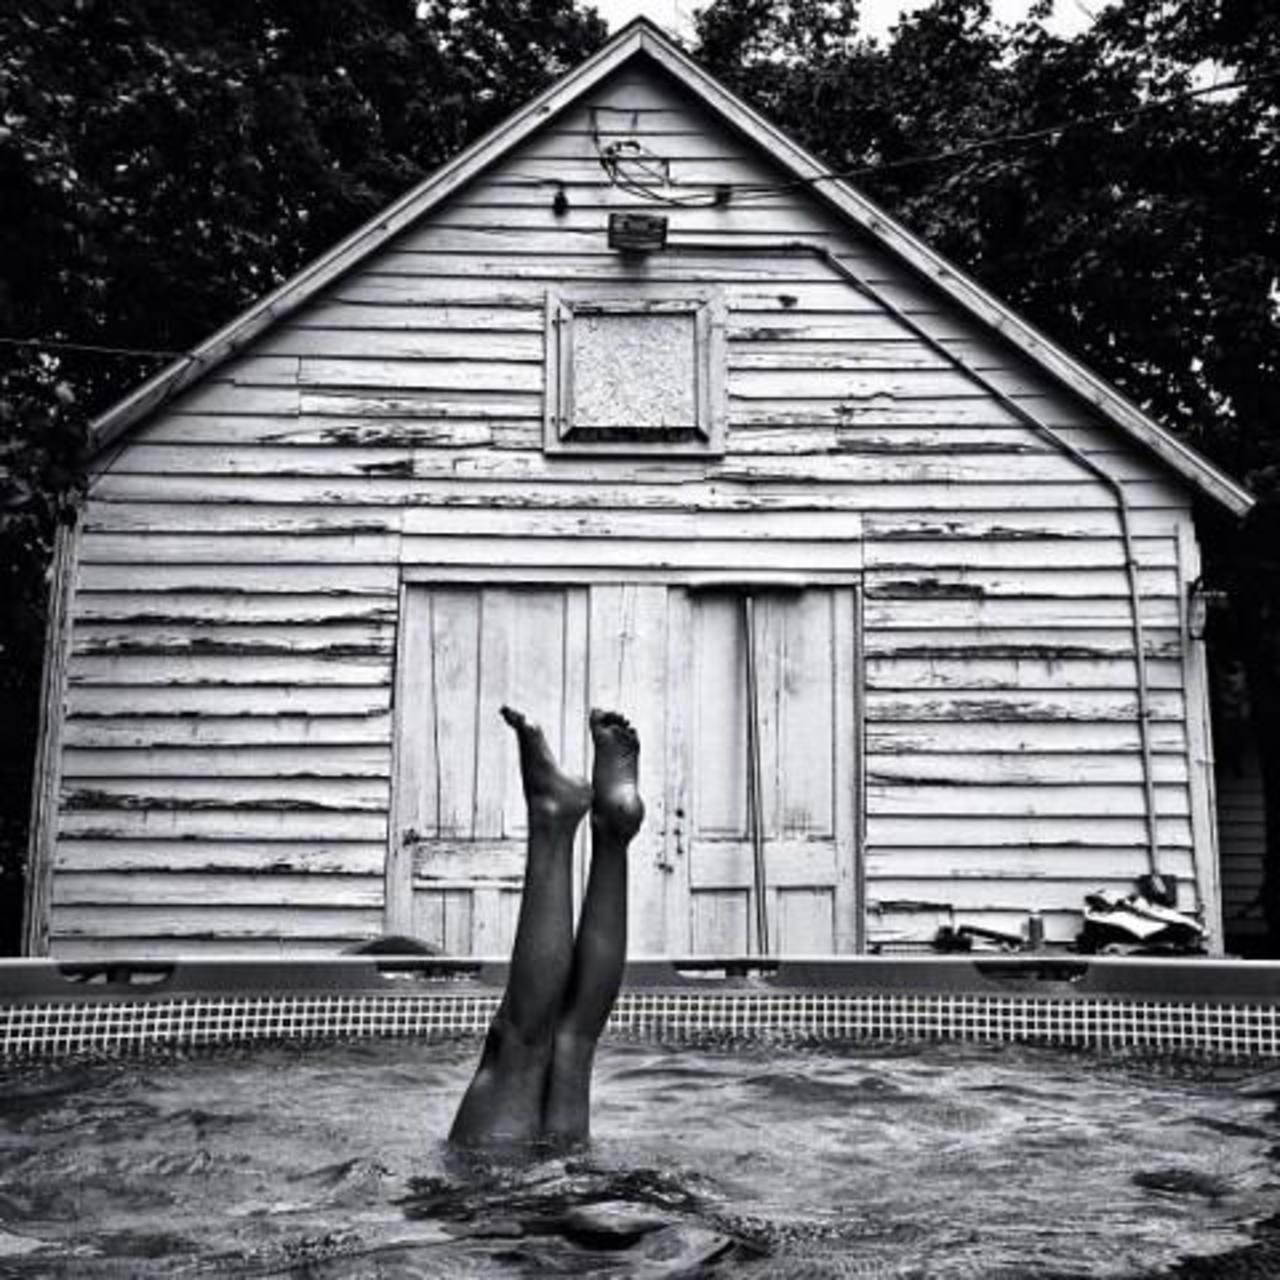 David Guttenfelder, Fotógrafo Instagram 2013